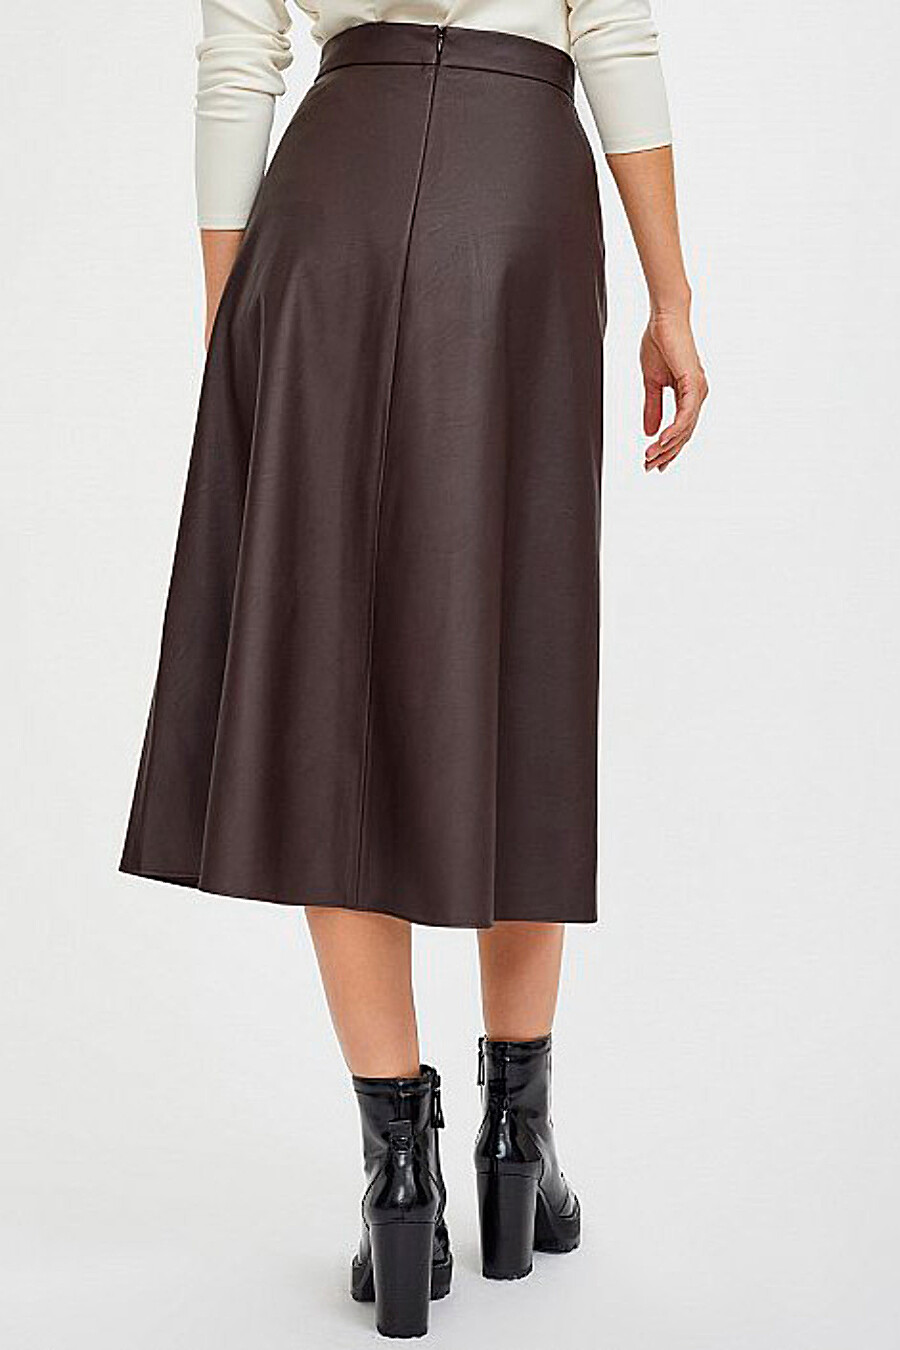 Юбка для женщин CALISTA 272288 купить оптом от производителя. Совместная покупка женской одежды в OptMoyo